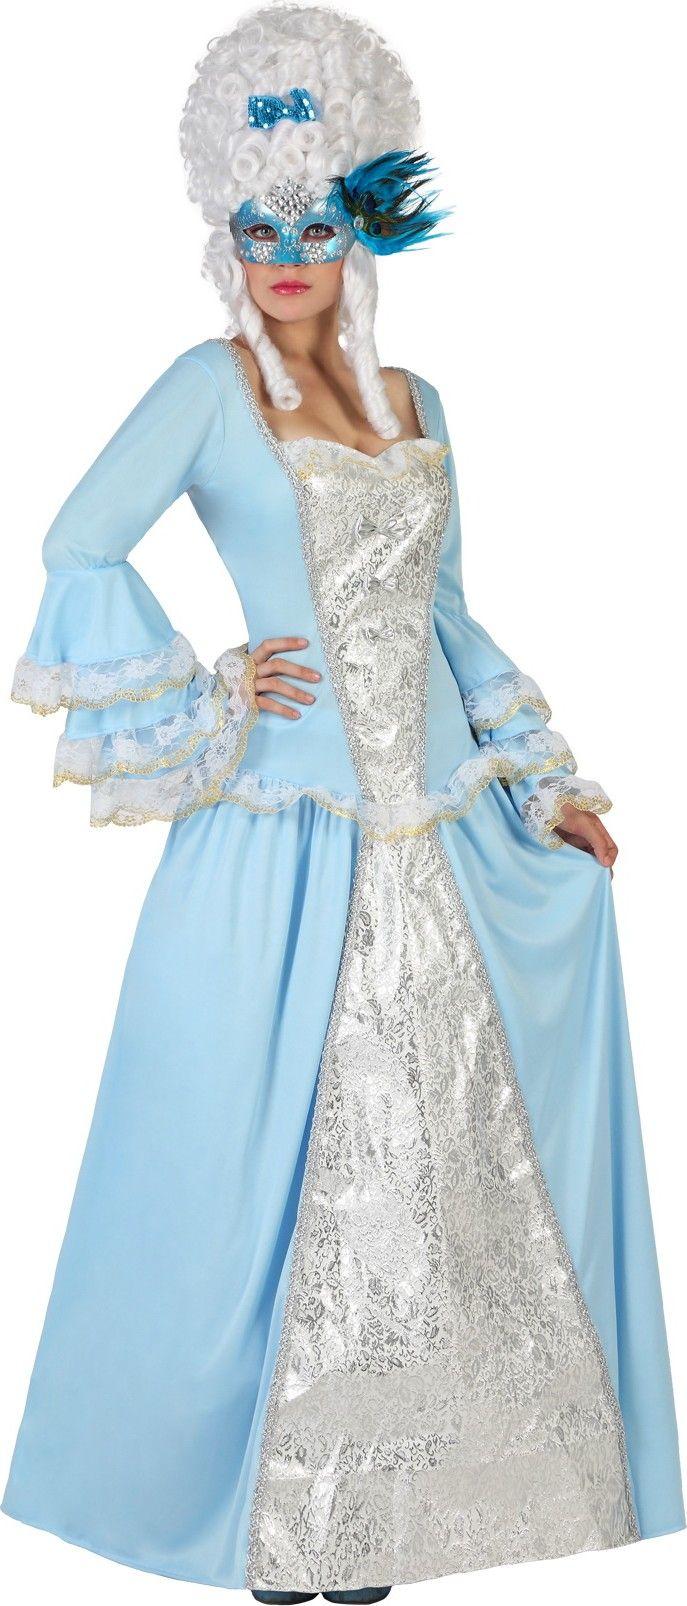 Costume da dama barocca turchese per donna e moltissime idee per i vostri abiti di Carnevale low cost da donna! Non perdetevi le offerte per i costumi di Carnevale da ragazza più belli!